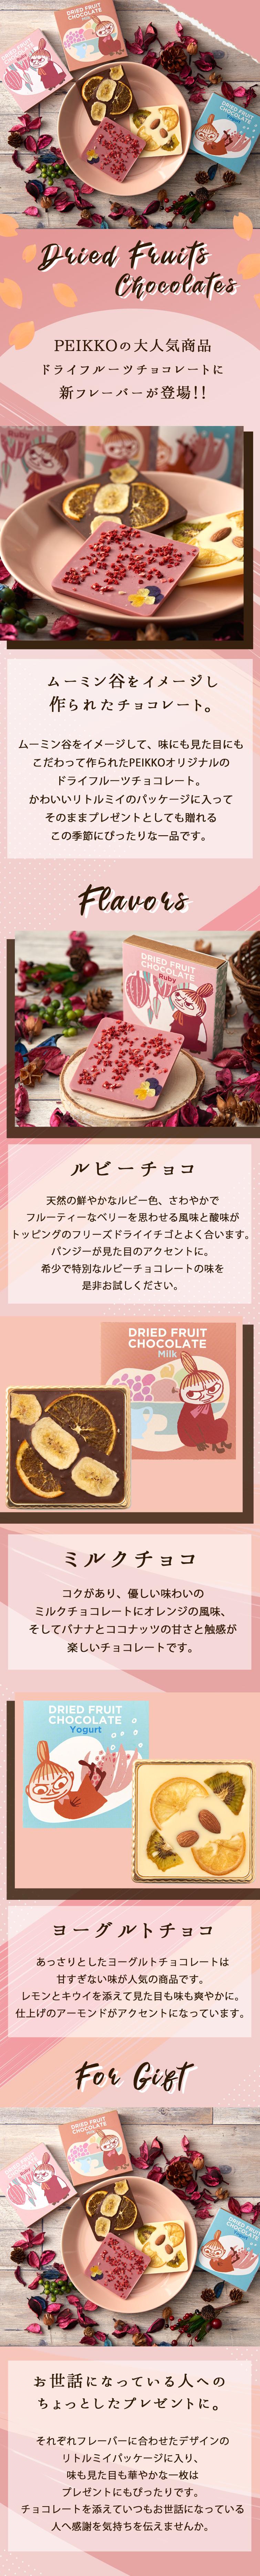 ムーミン バレンタイン チョコレート ドライフルーツチョコレート